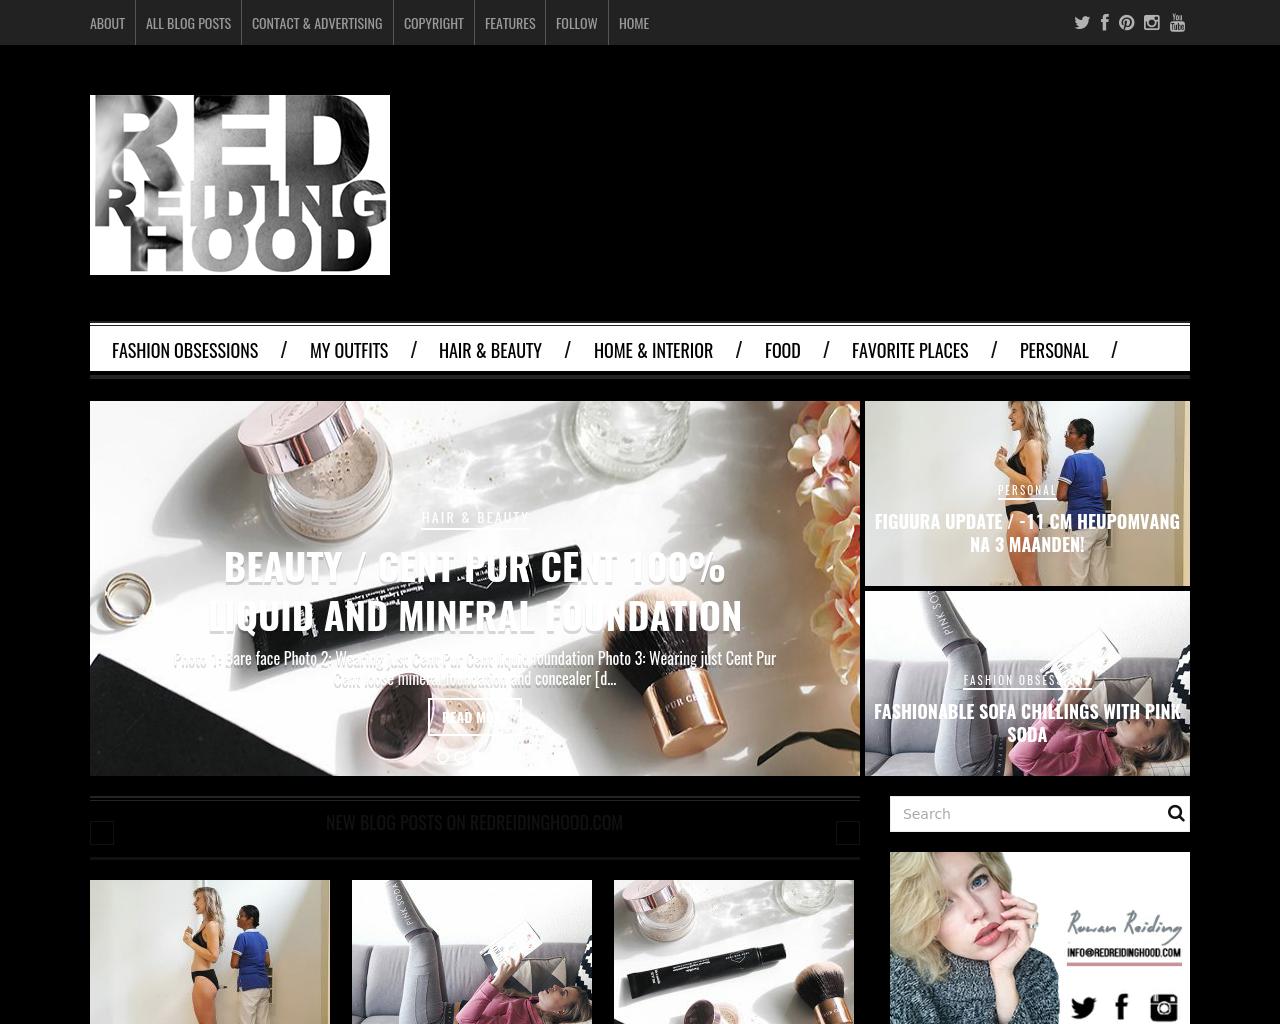 Redreidinghood.com-Advertising-Reviews-Pricing